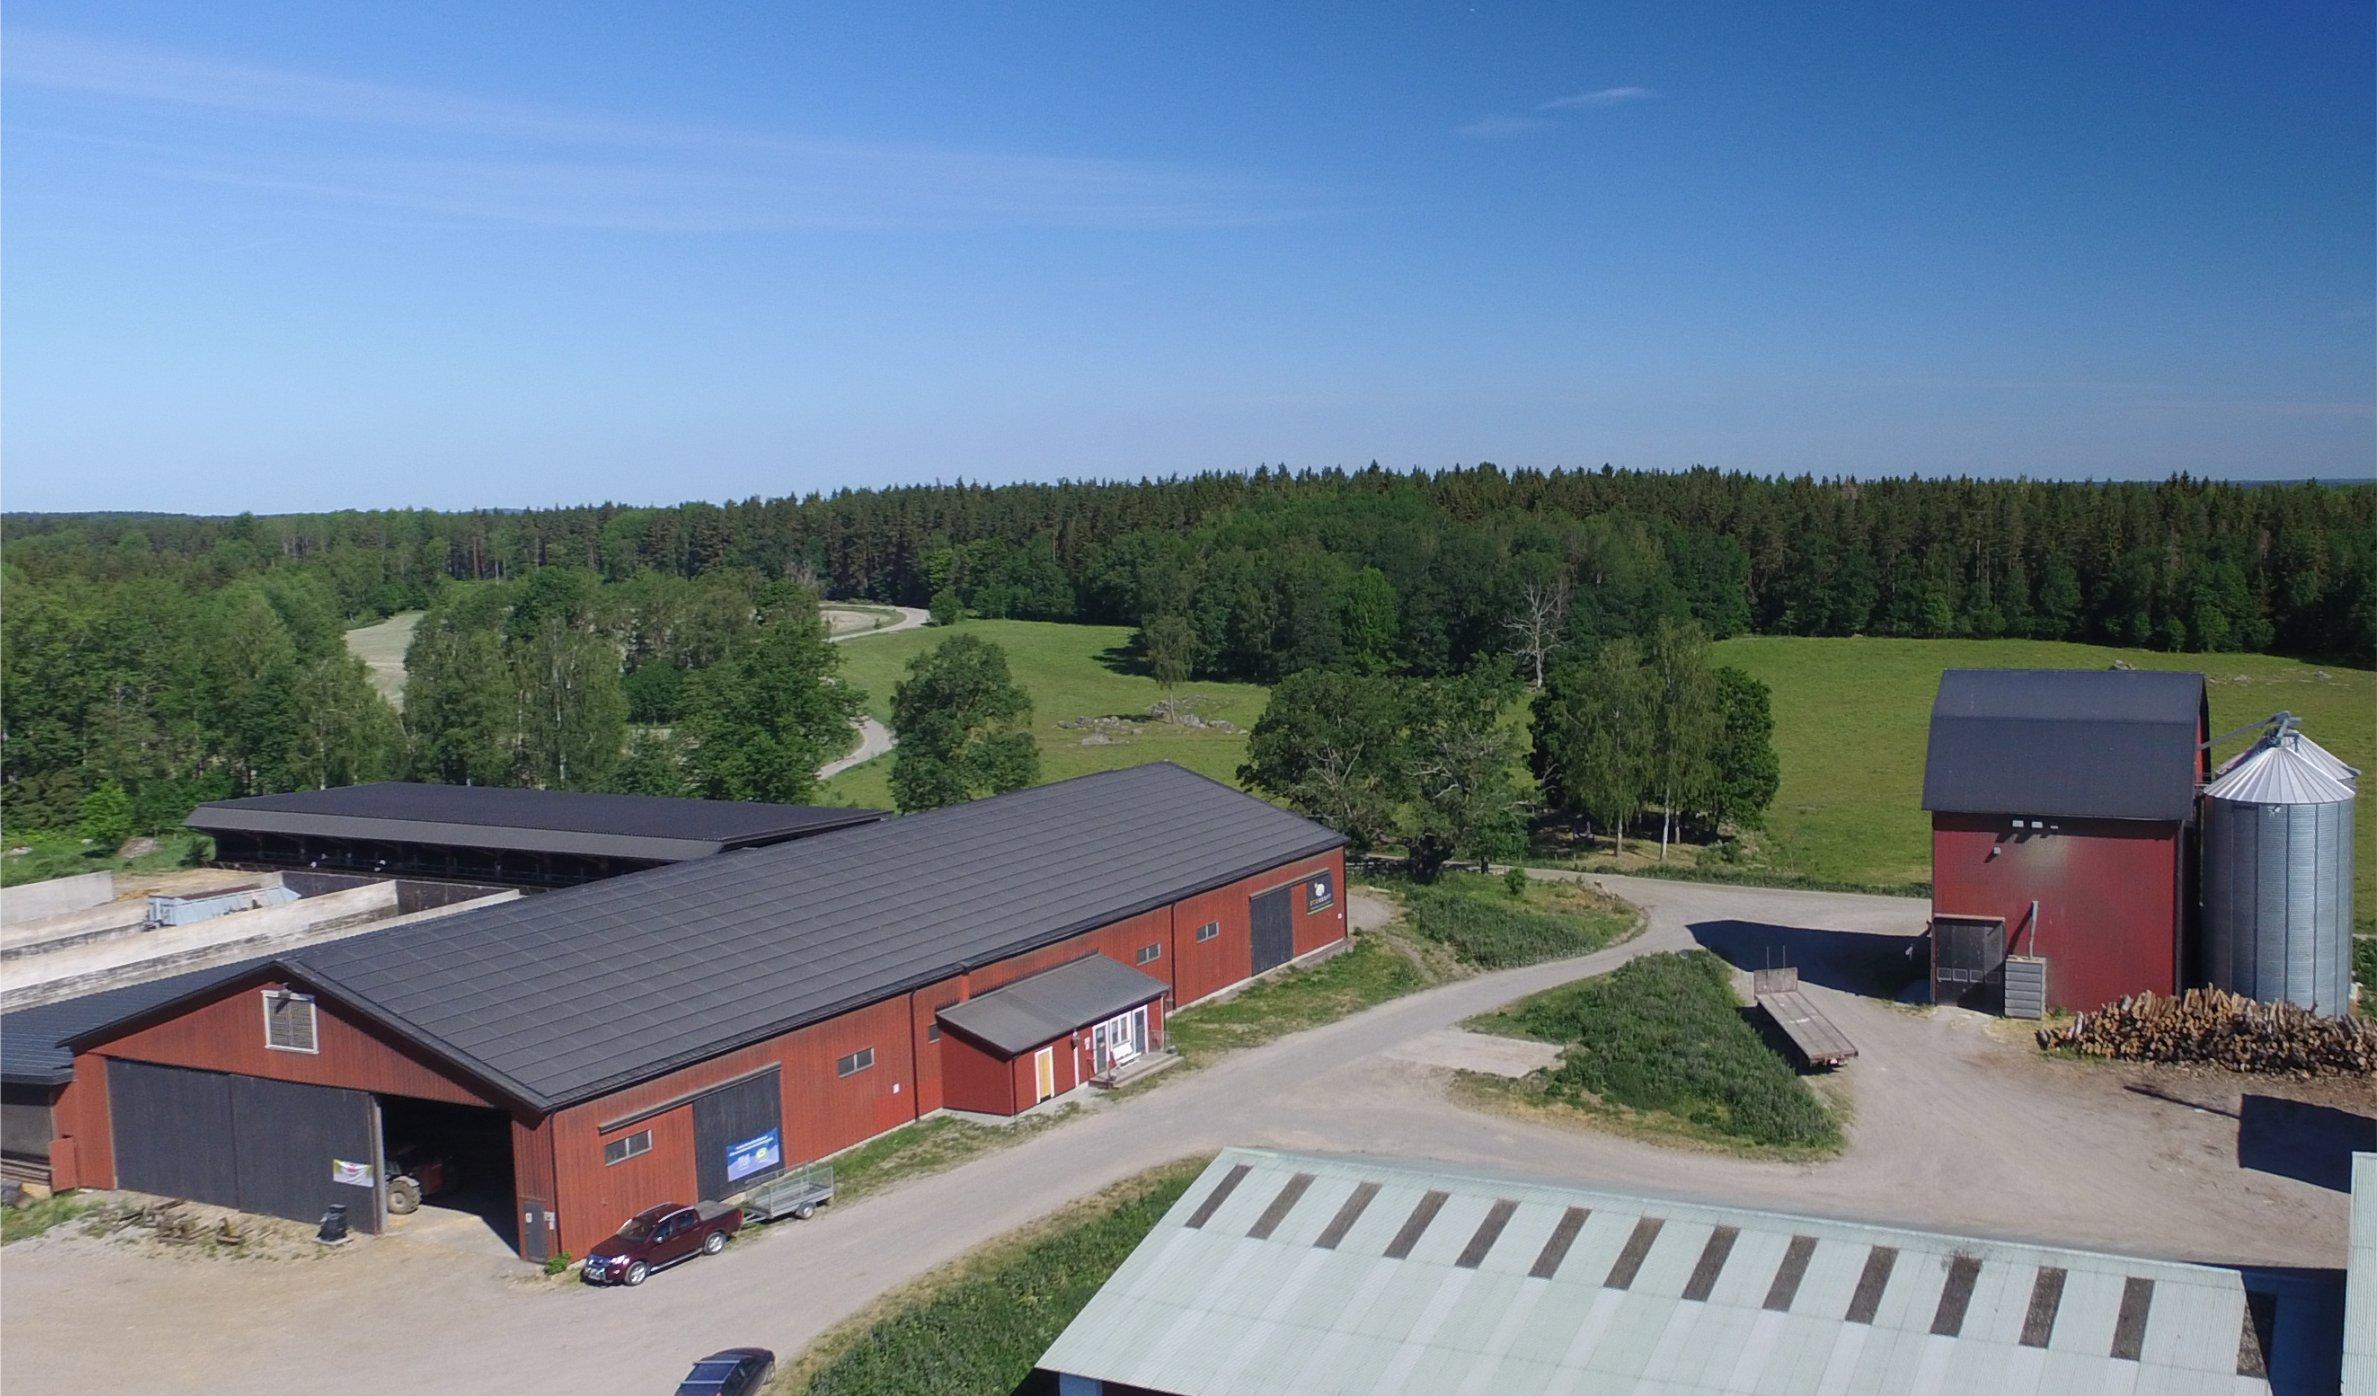 Naturskön gård med satsning på solceller och förnyelsebar energi